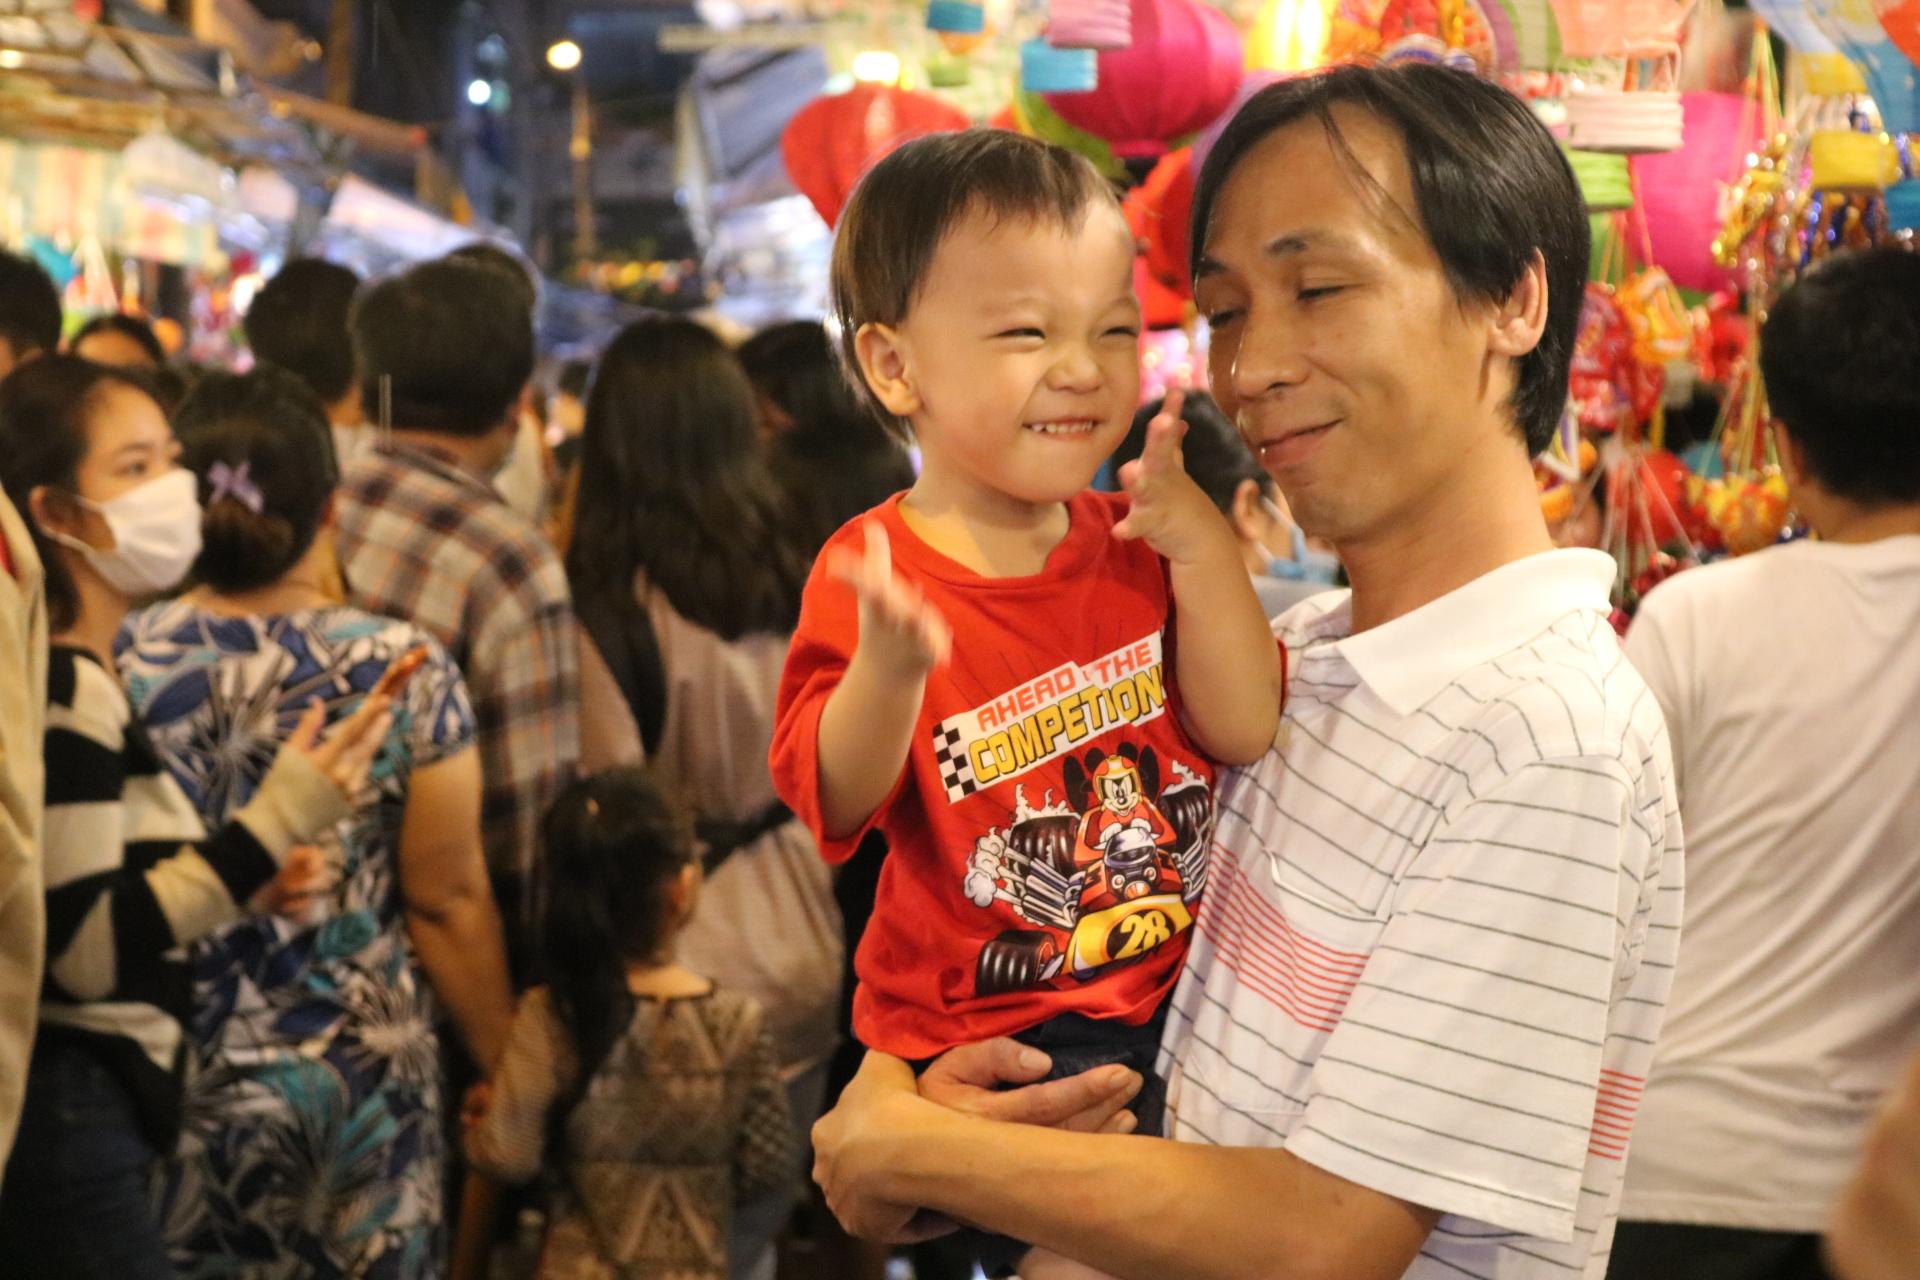 Dù vậy, nhiều bạn nhỏ vẫn tỏ ra phấn khích khi được ngắm lồng đèn đủ màu ở phố Lương Nhữ Học.